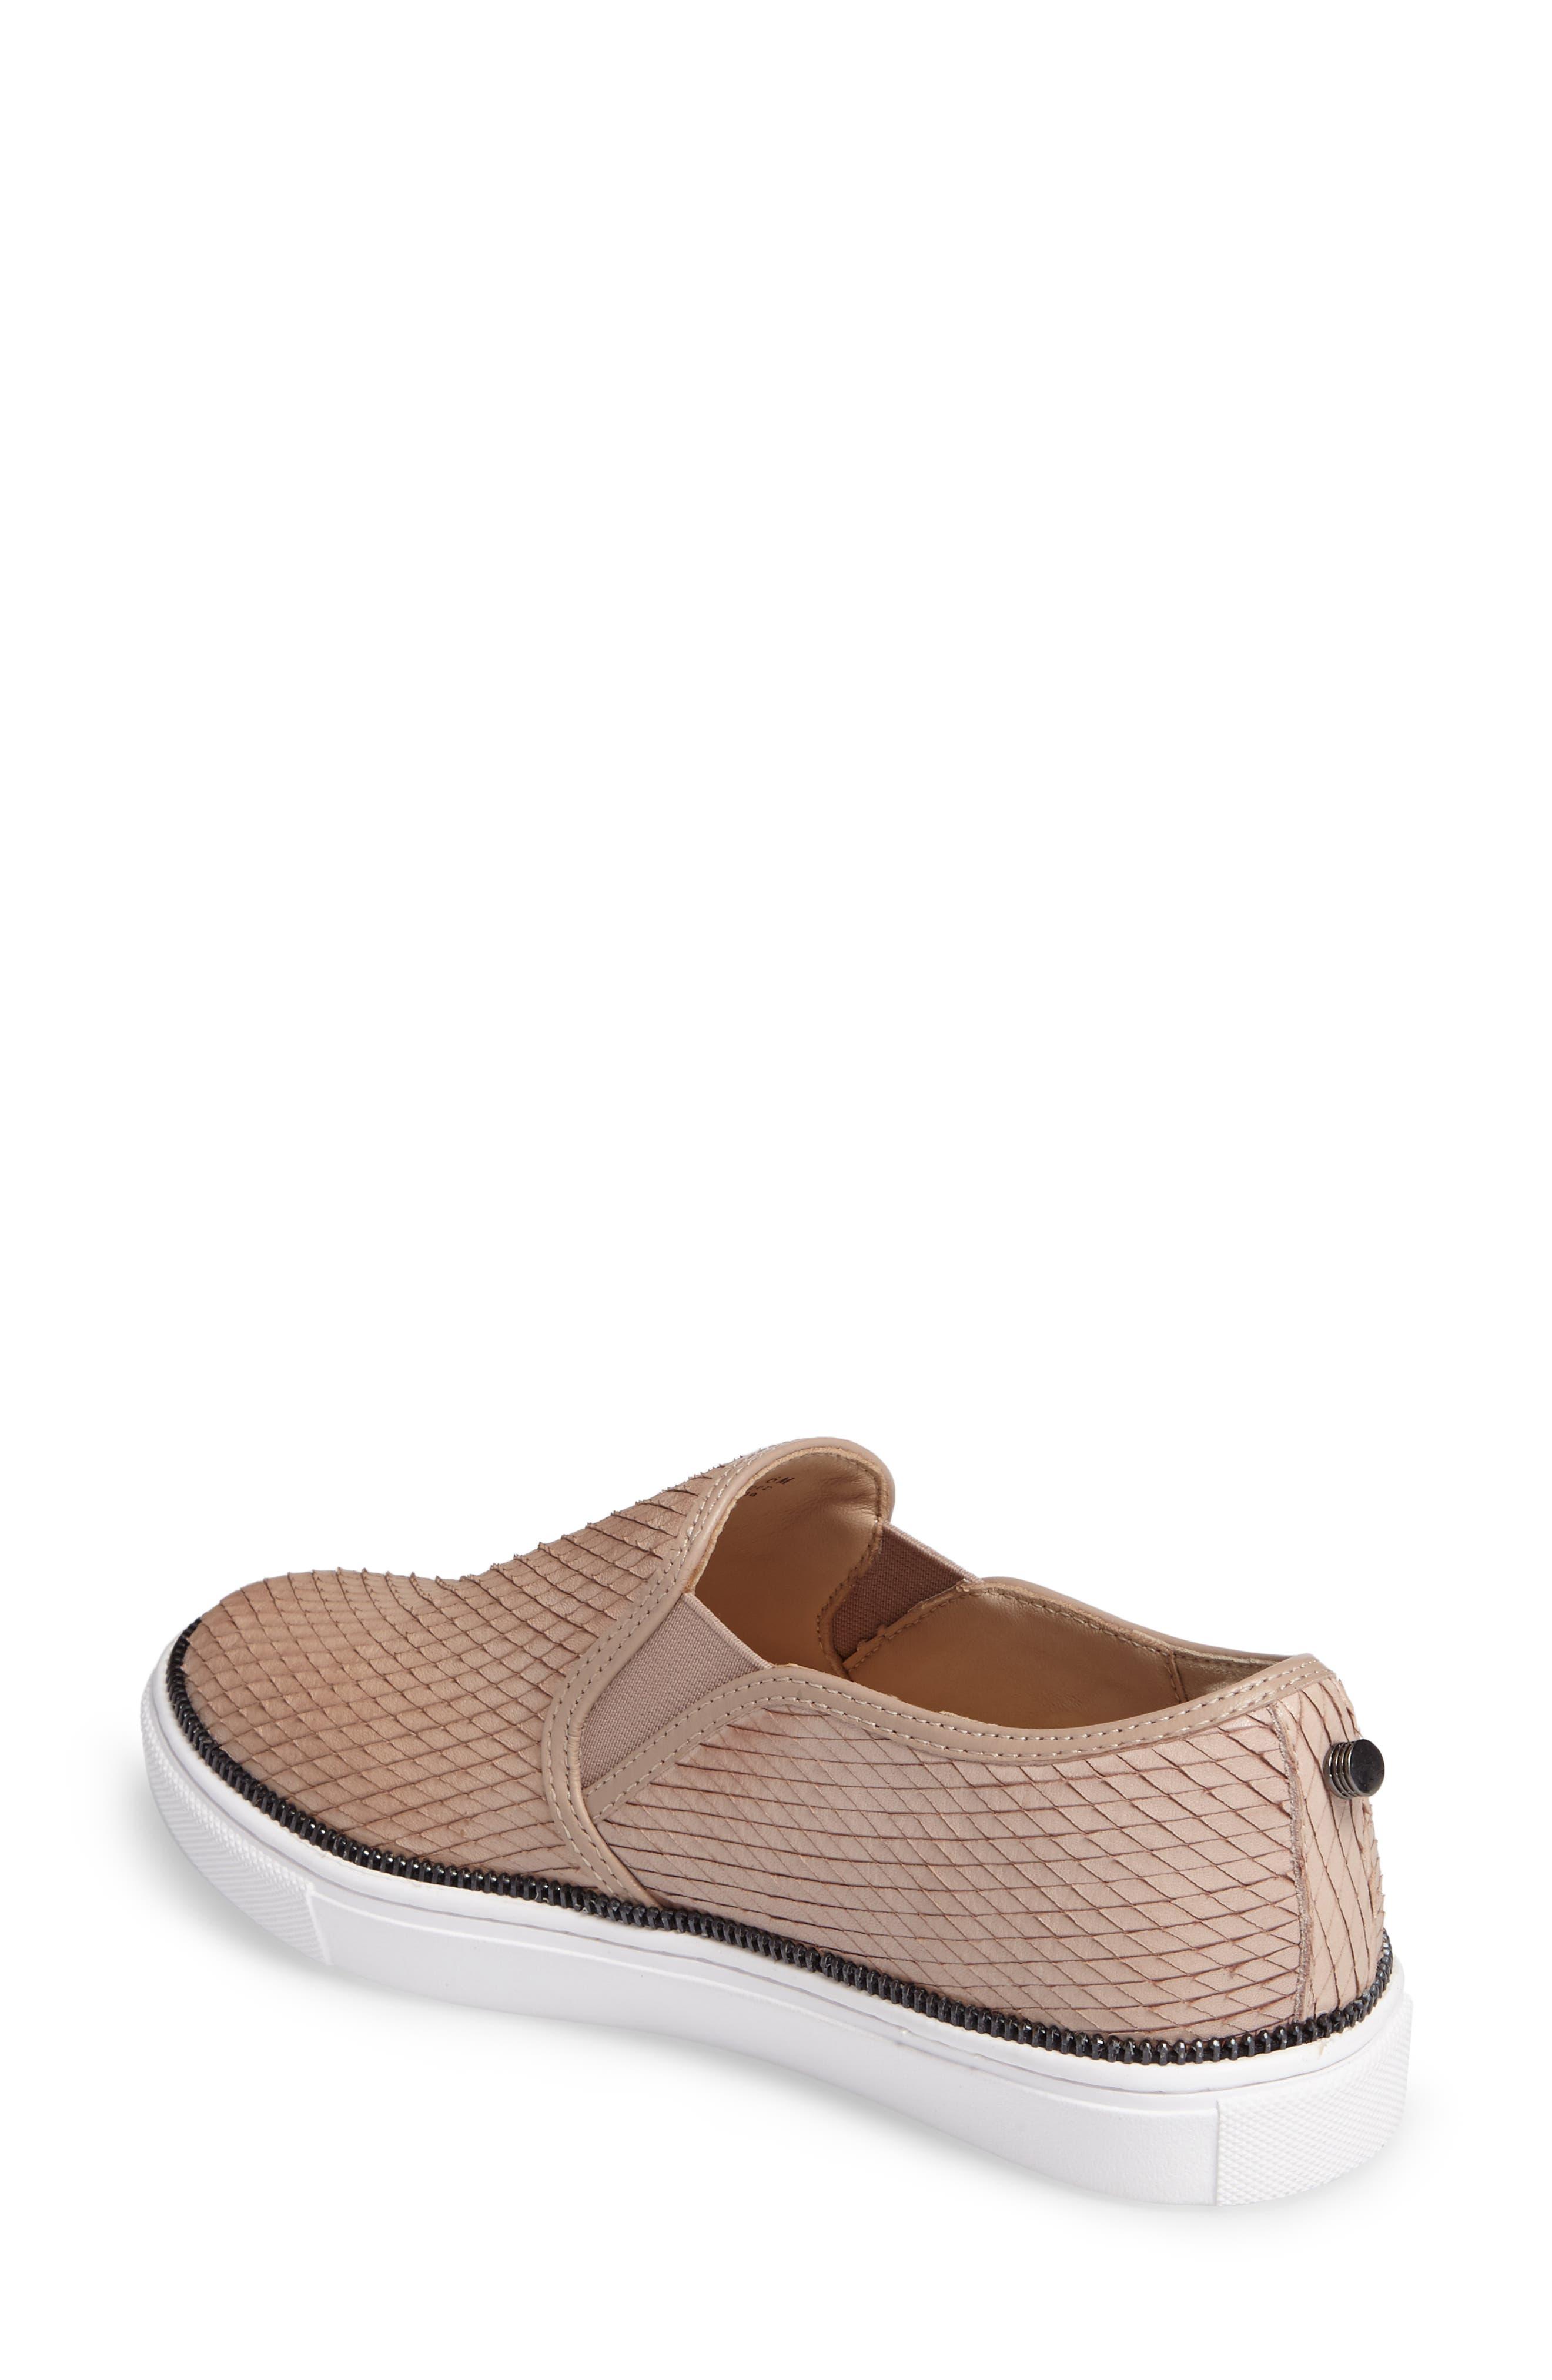 Harper Slip-On Sneaker,                             Alternate thumbnail 12, color,